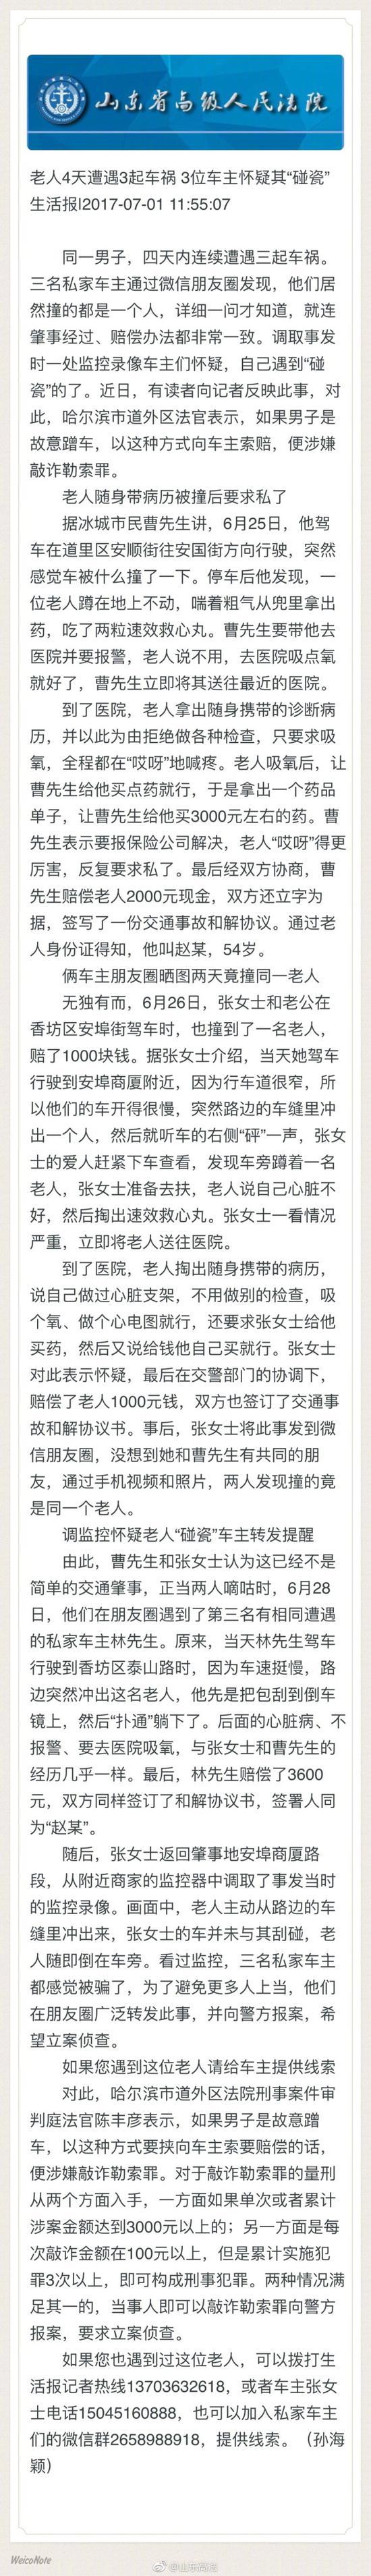 开个北京赛车合法的吗